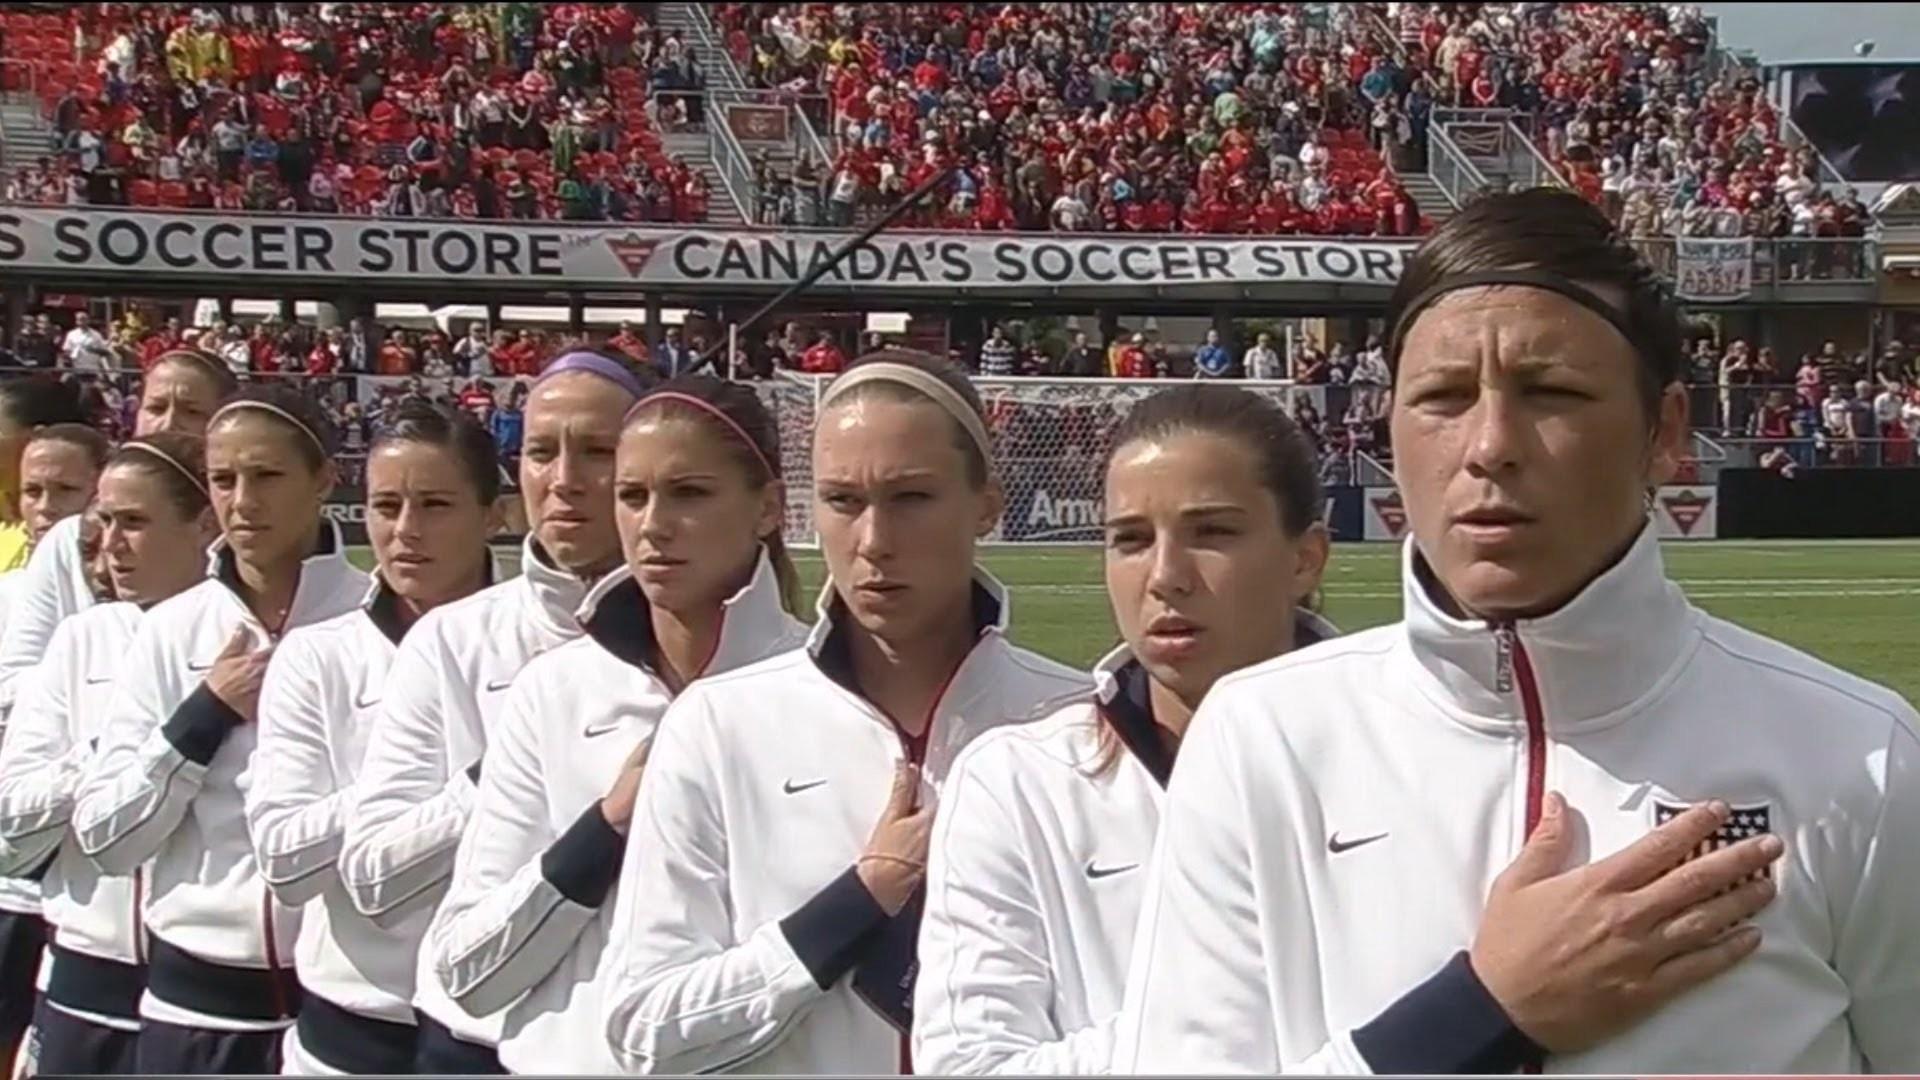 2013 U.S. Women's National Team Highlights